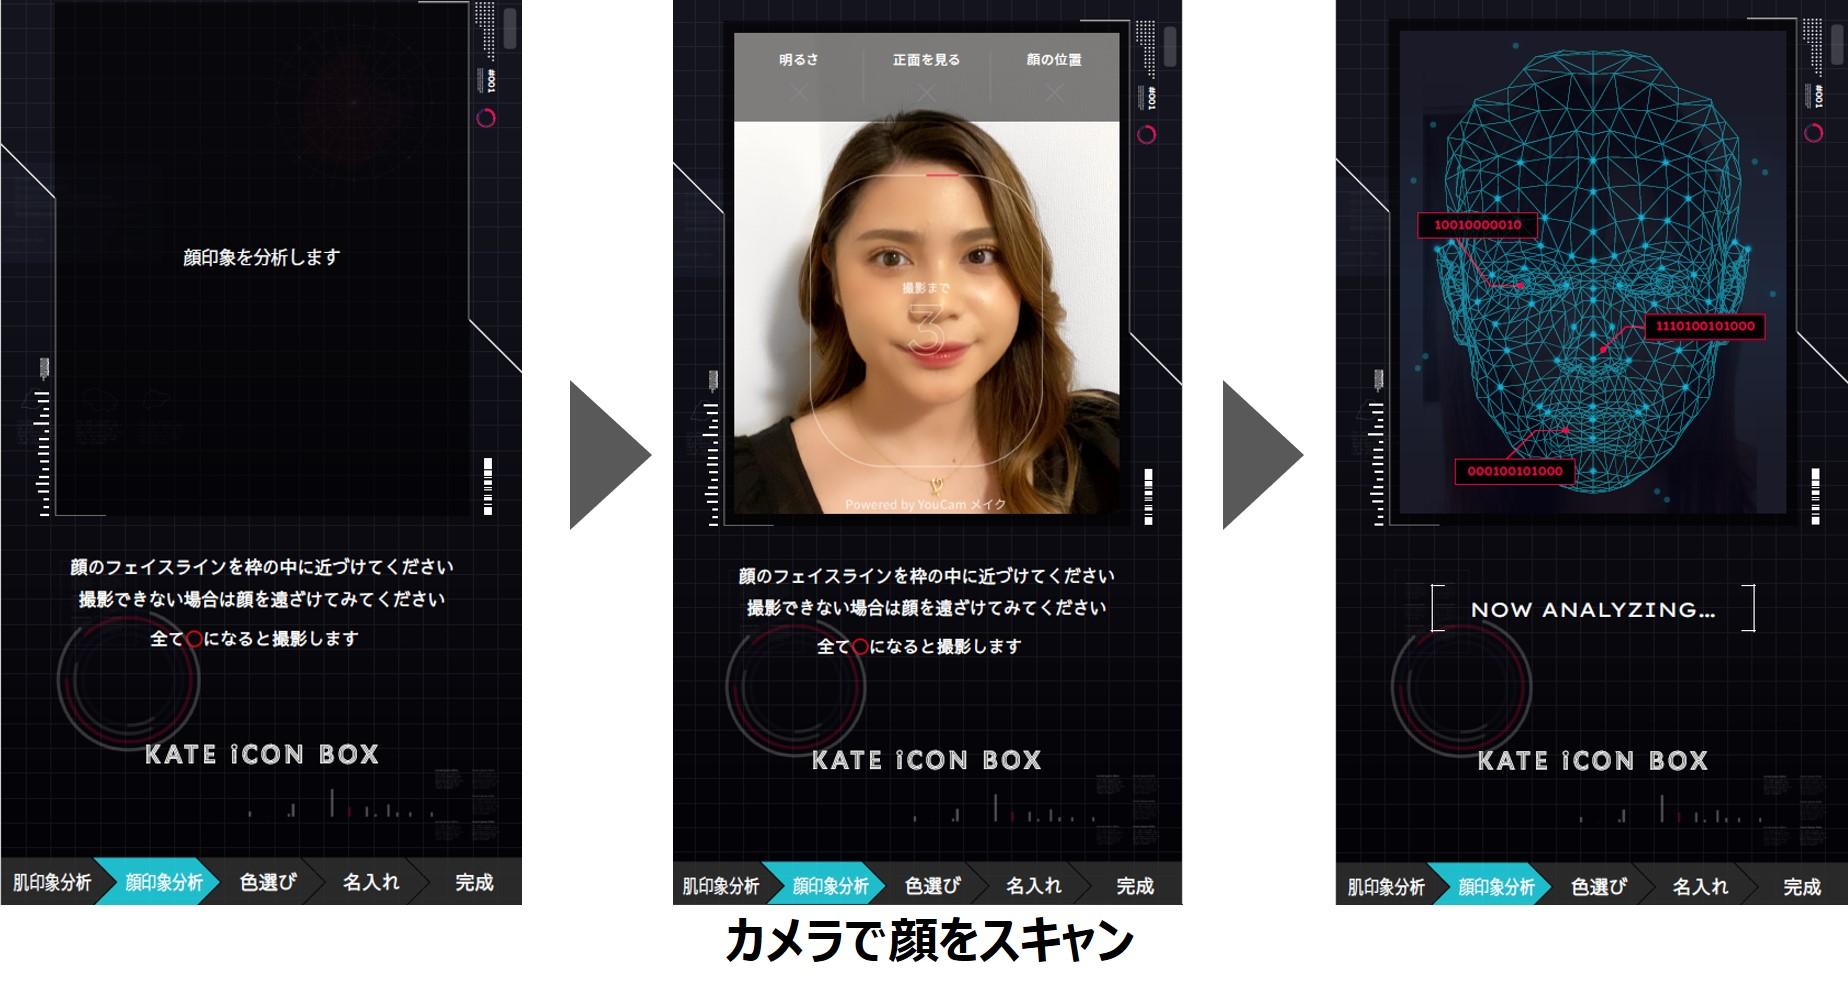 kate-icon-box3-2